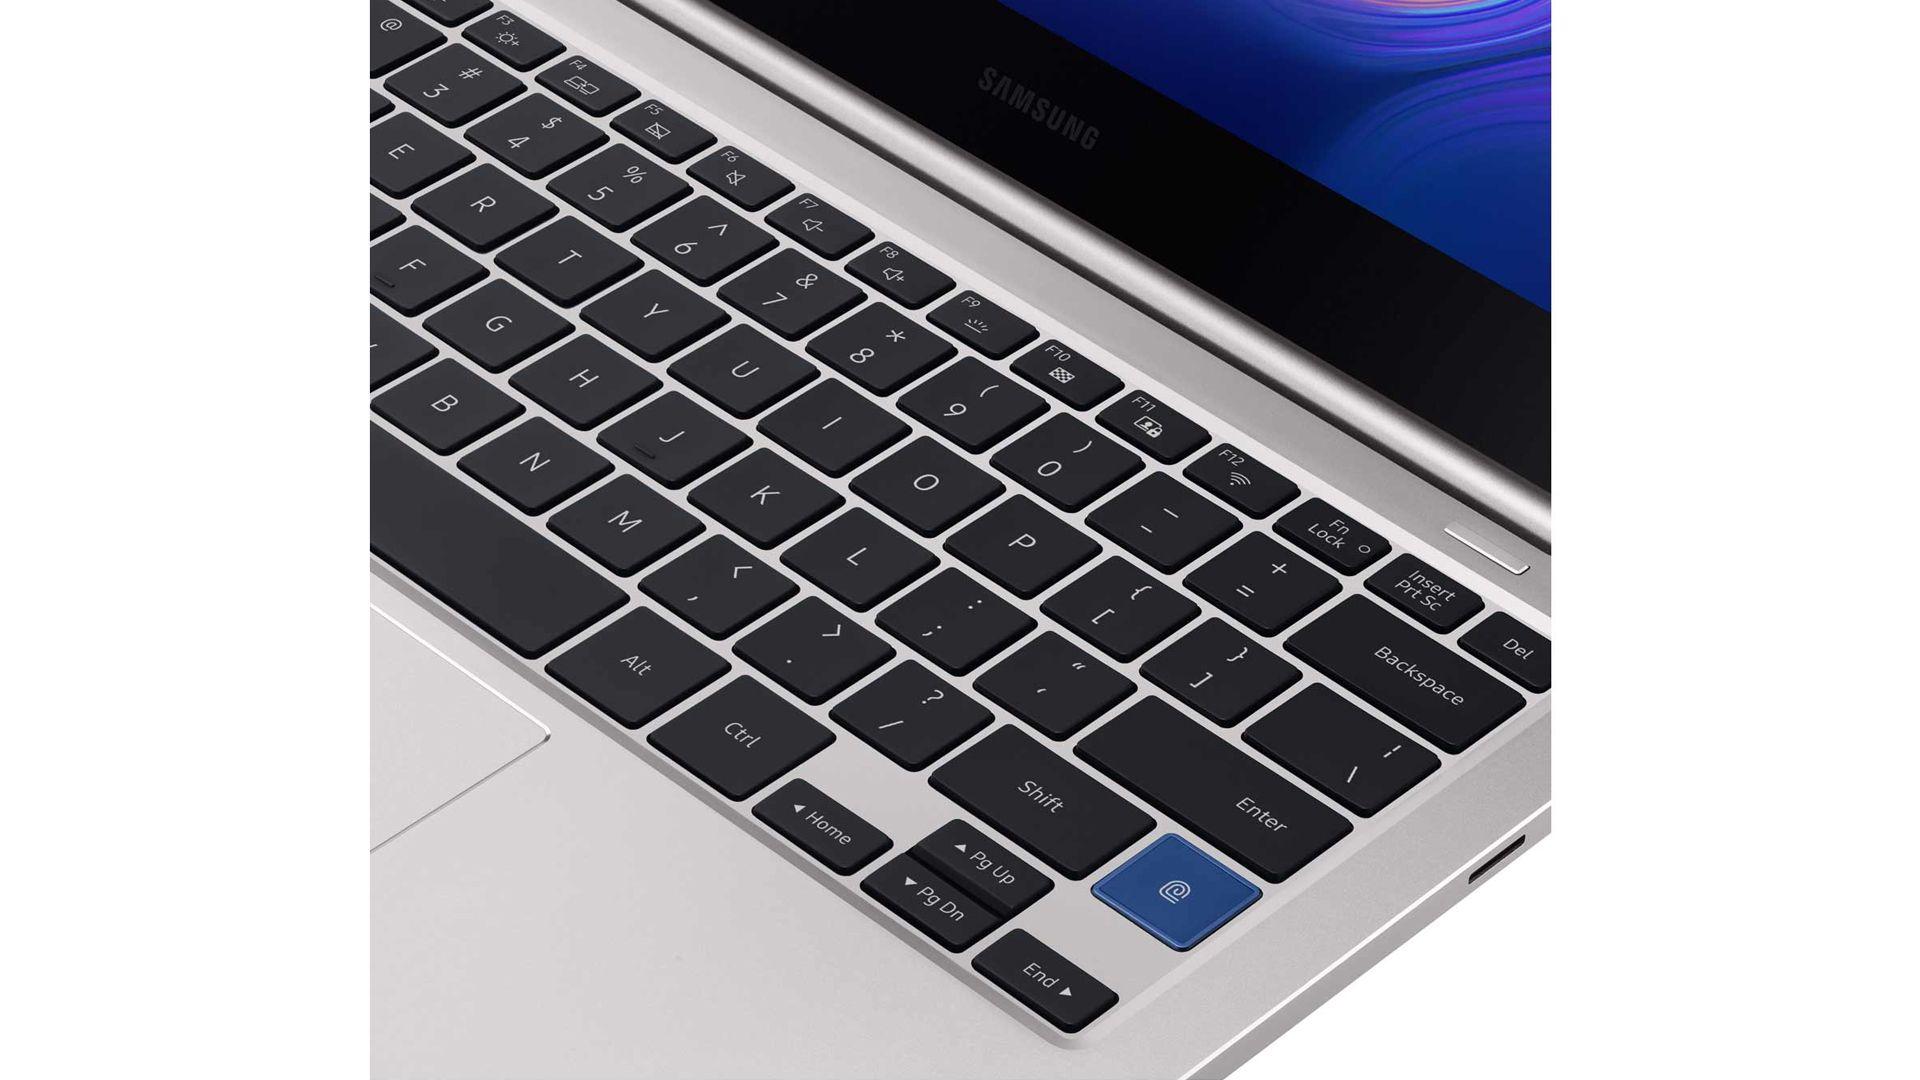 Modelos mais recentes do Samsung Style S51 contam com teclado retroiluminado. (Foto: Divulgação/Samsung)